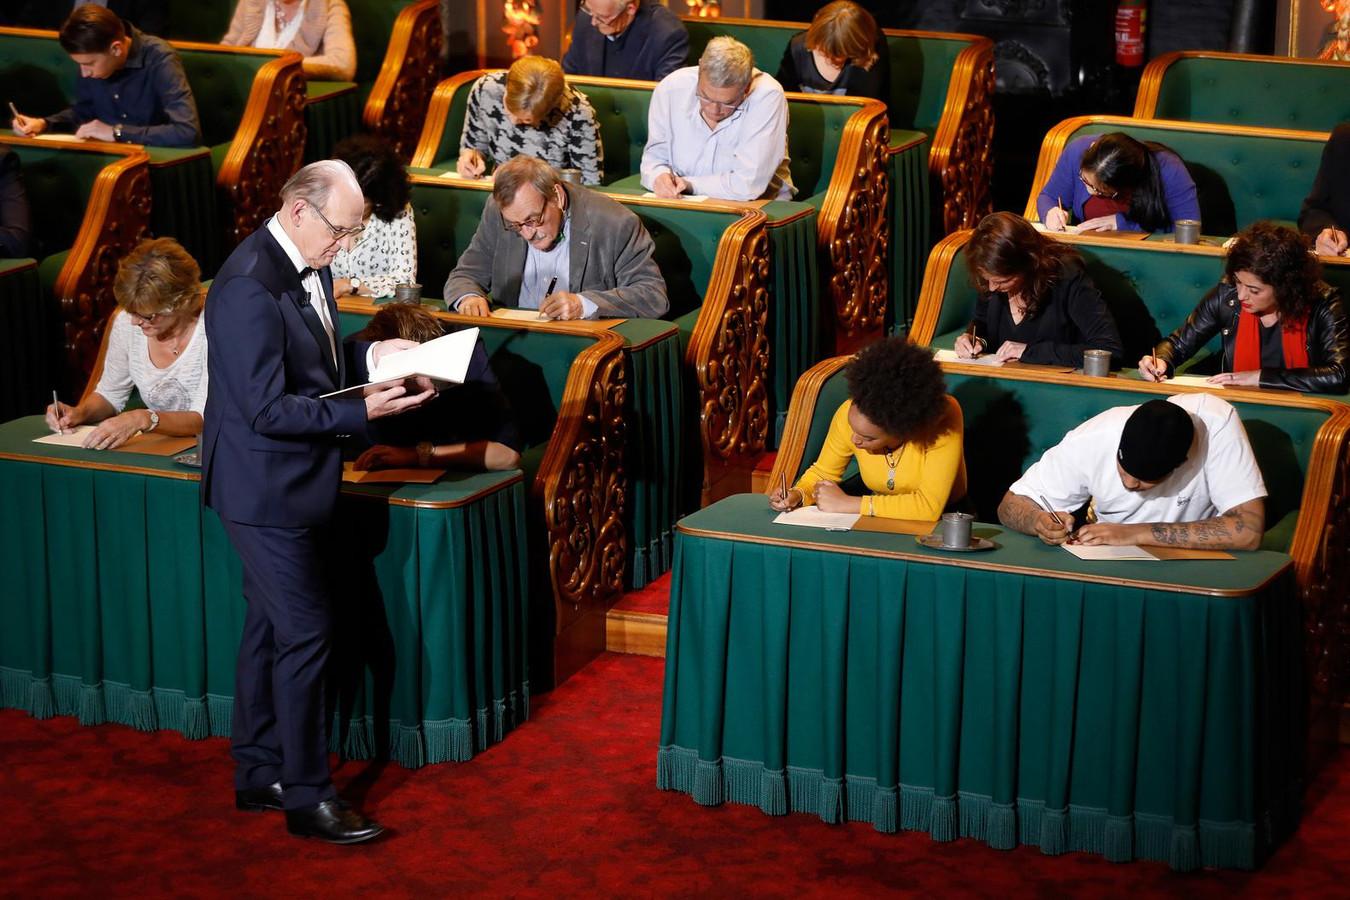 Philip Freriks leest het Groot Dictee der Nederlandse Taal voor in de Vergaderzaal van de Eerste Kamer.